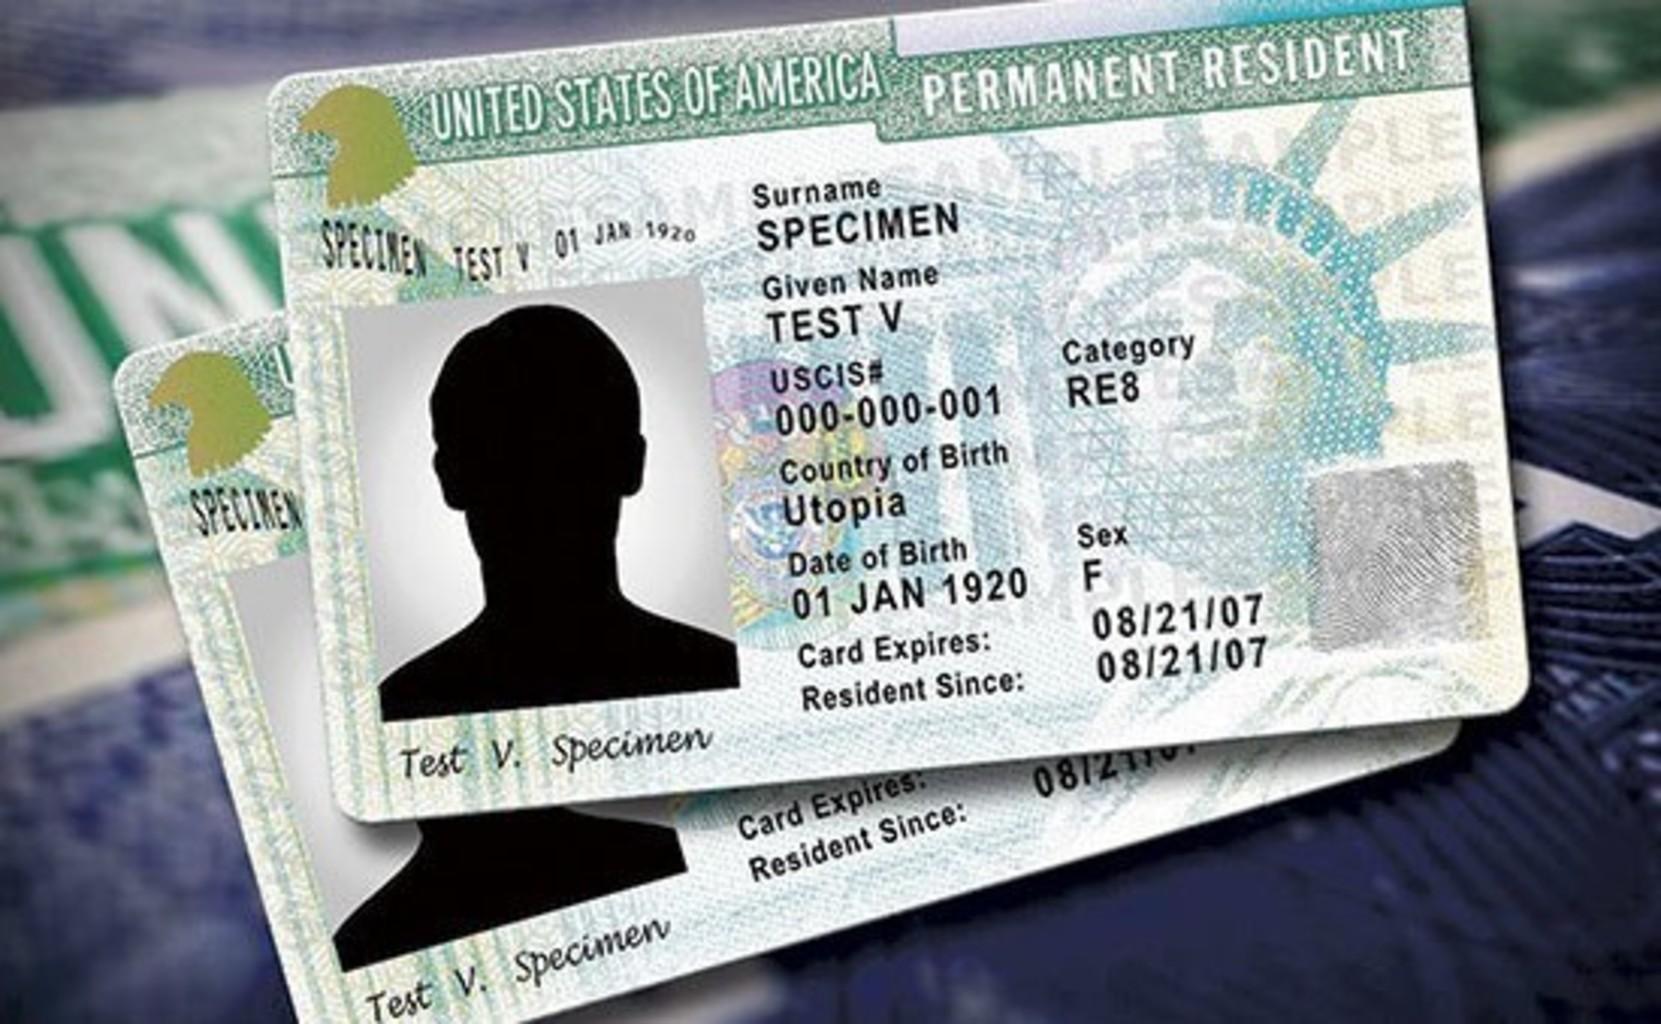 Правила лотереи green card: кто, как и когда может участвовать в лотерее «грин карт». что необходимо для участия в лотерее «грин кард»? как стать участником лотереи green card?